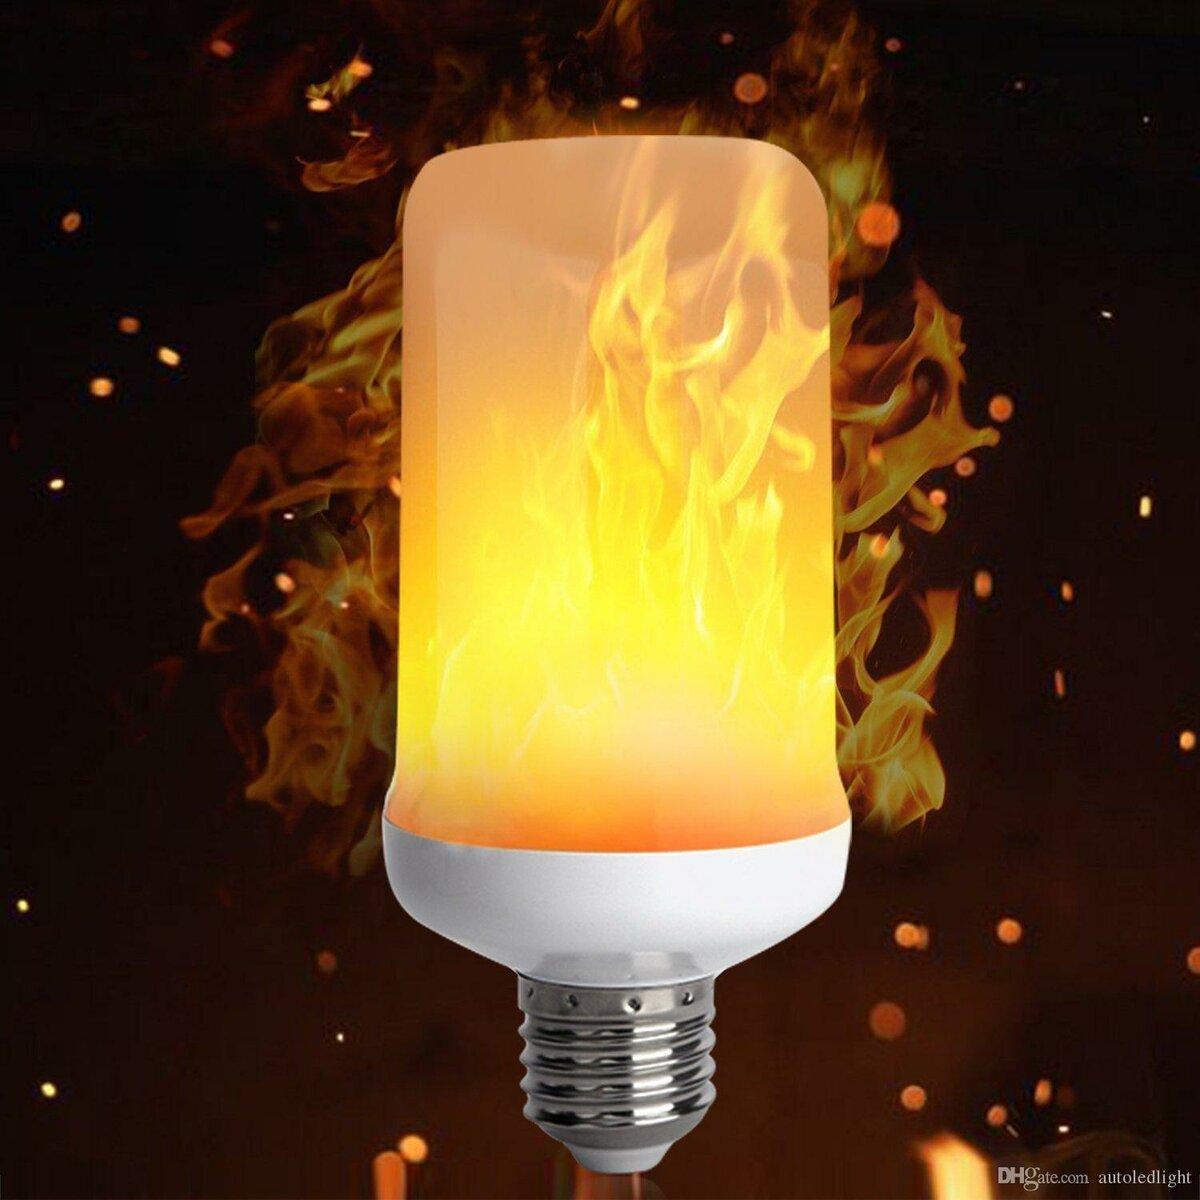 Лампа LED с эффектом пламени в Чернушке